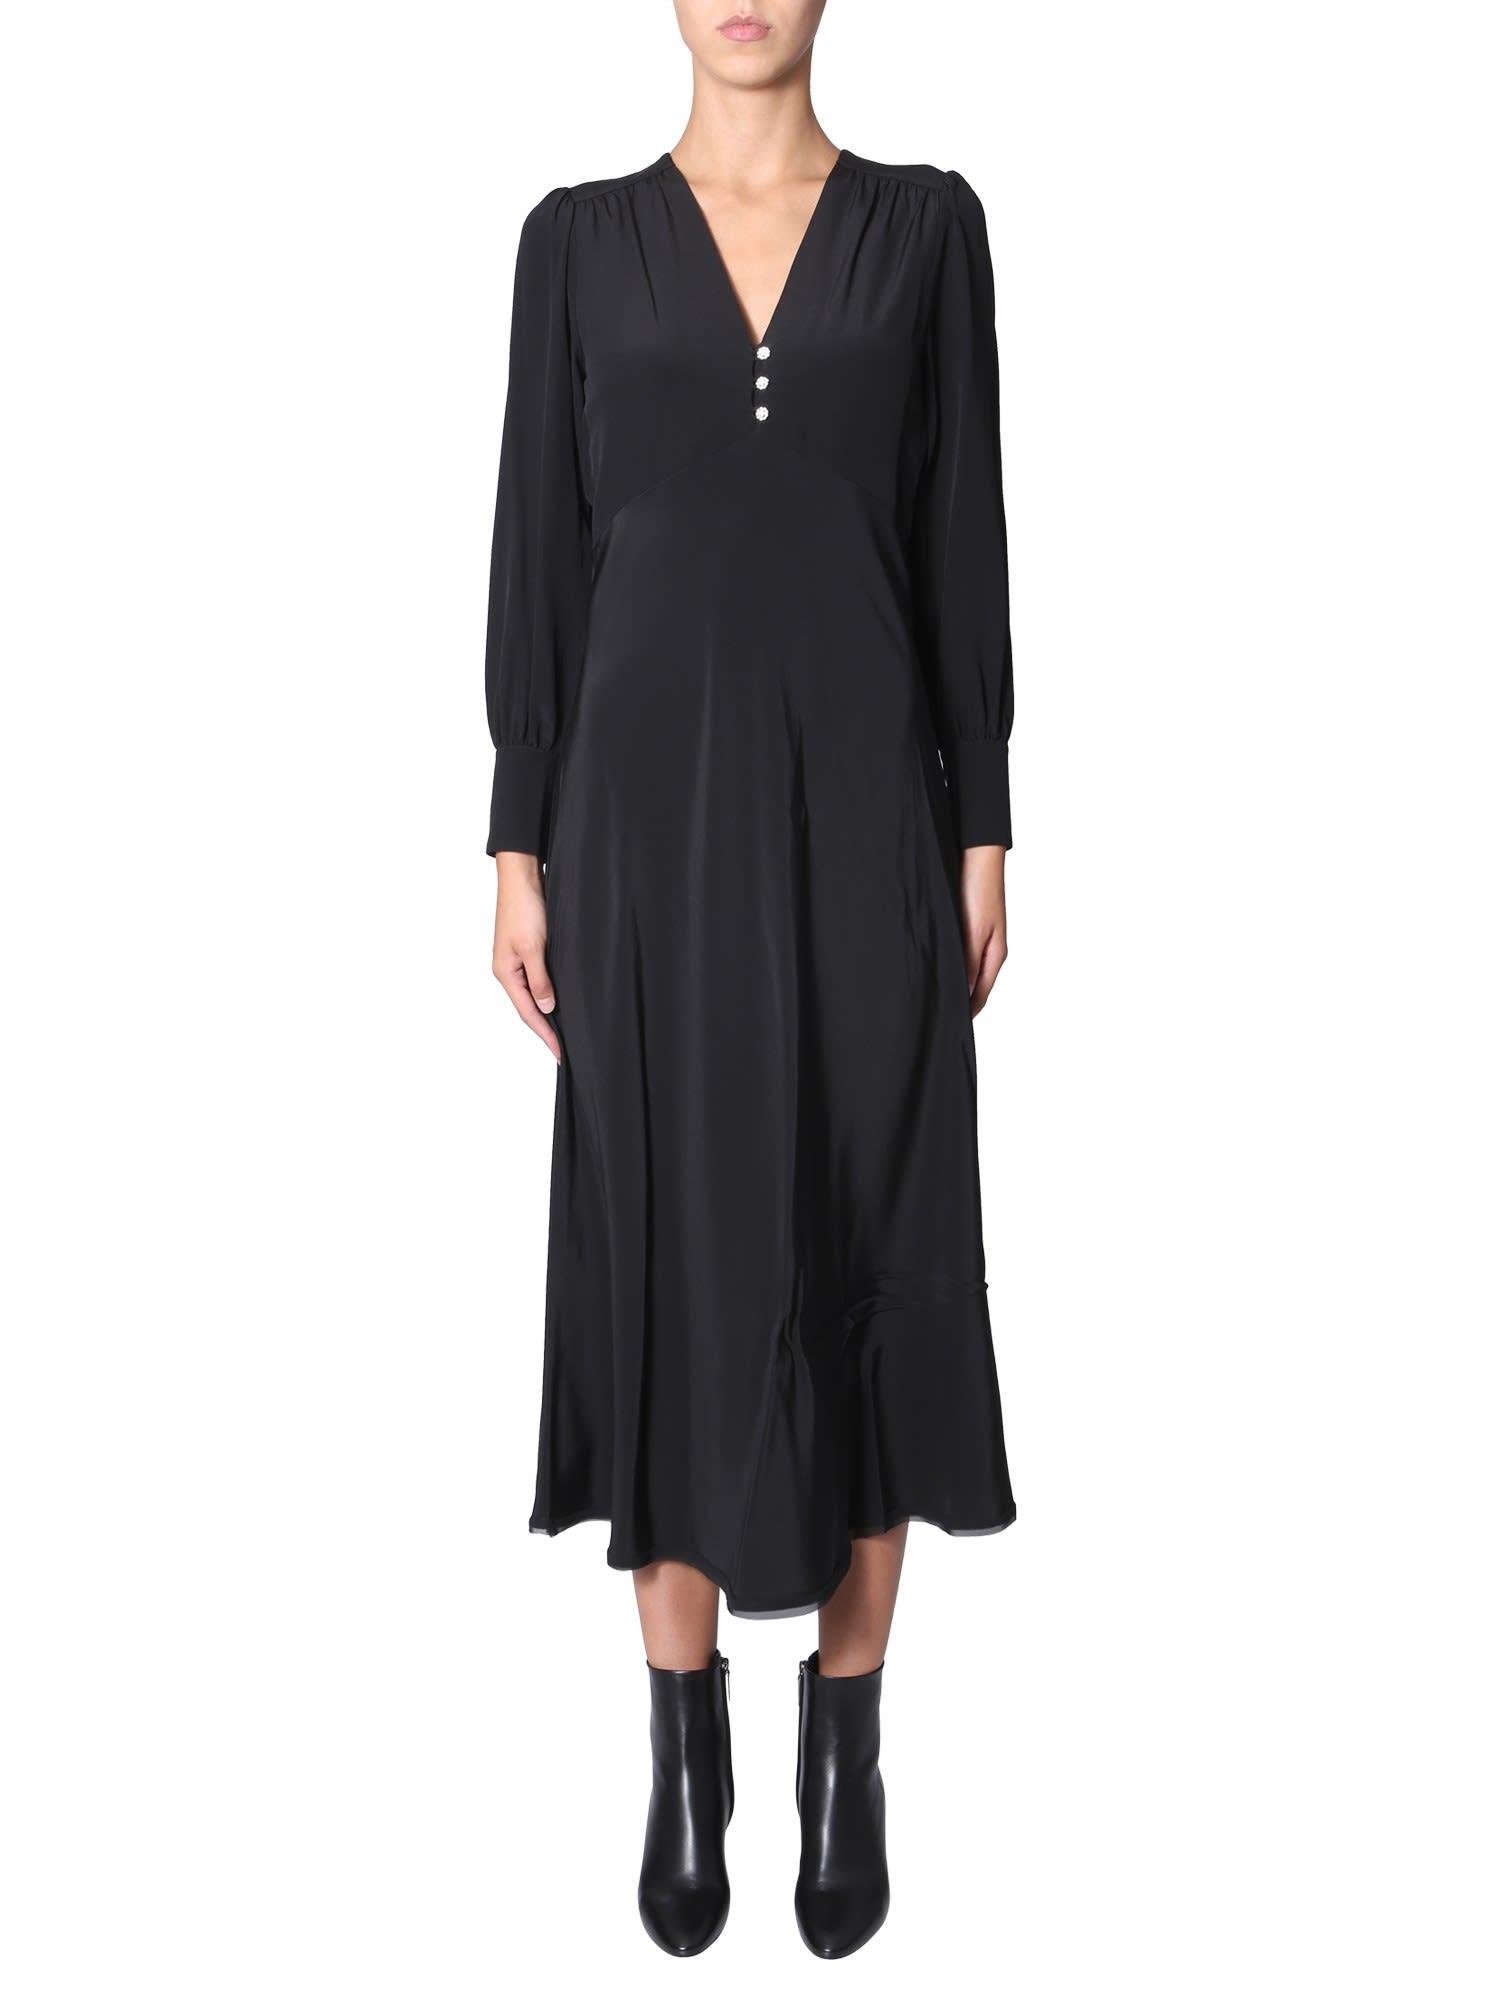 McQ Alexander McQueen Long Dress